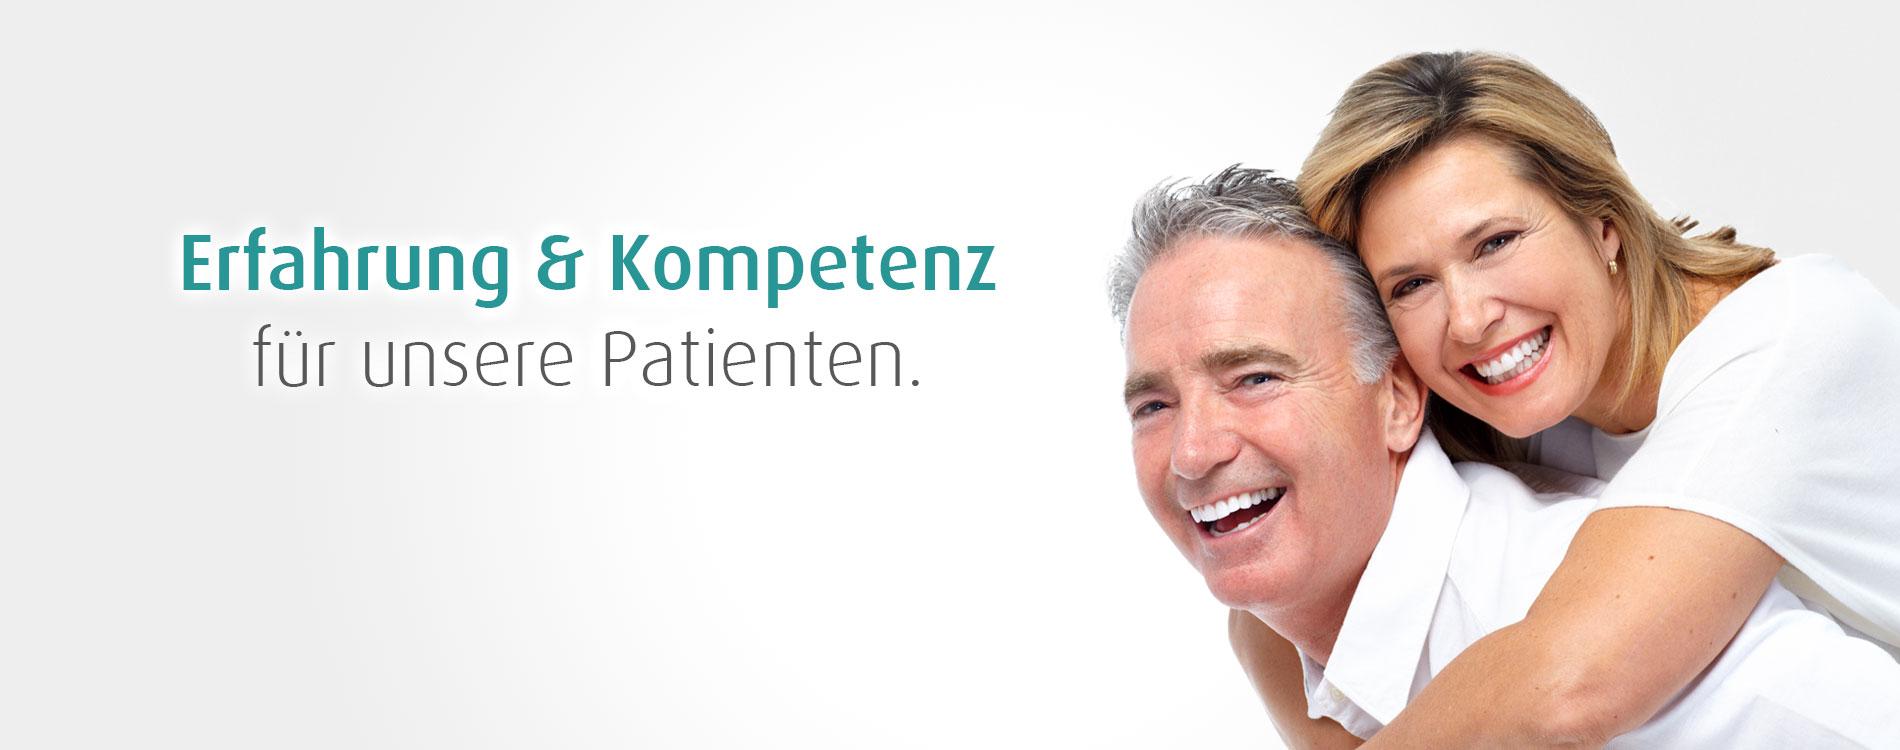 Zahnersatz nach All-on-4: Erfahrung & Kompetenz für unsere Patienten